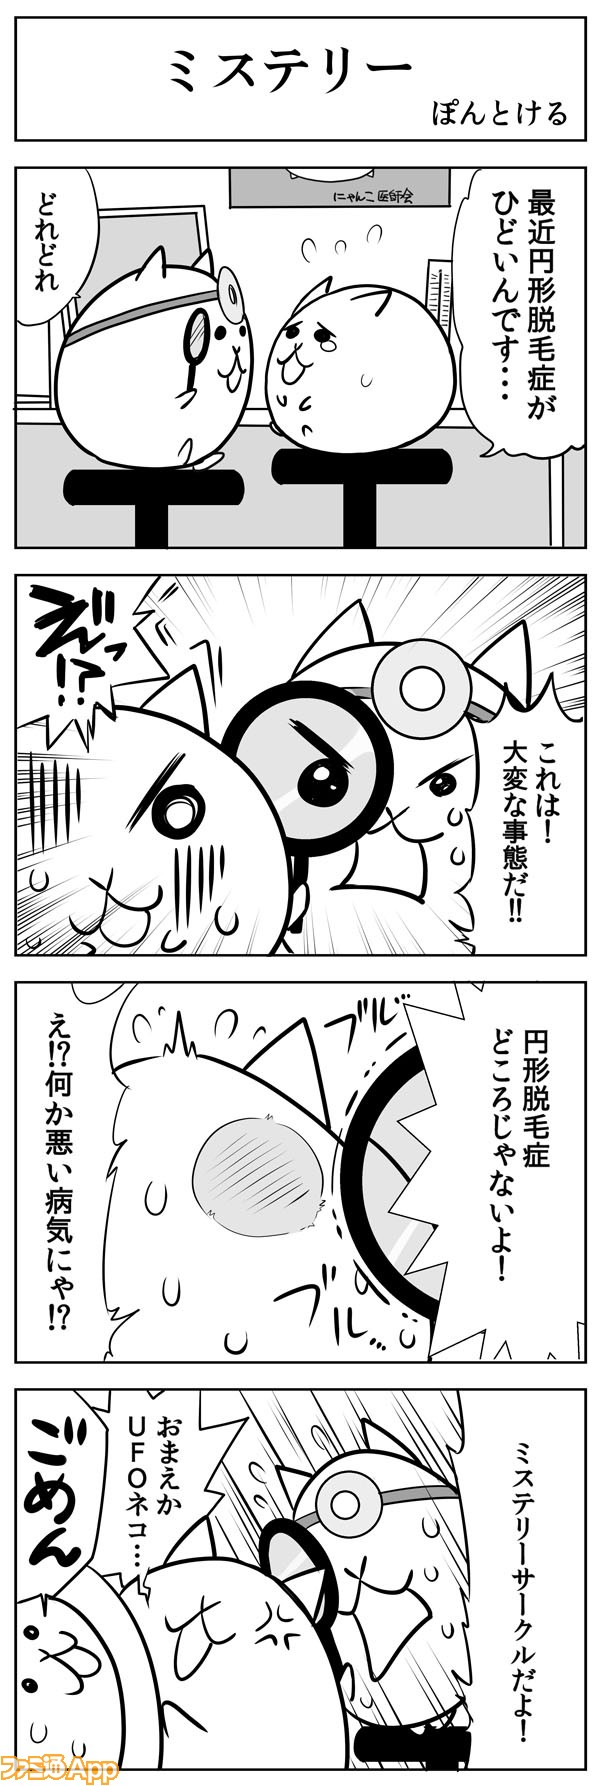 にゃんこ 大 戦争 ミステリー サークル